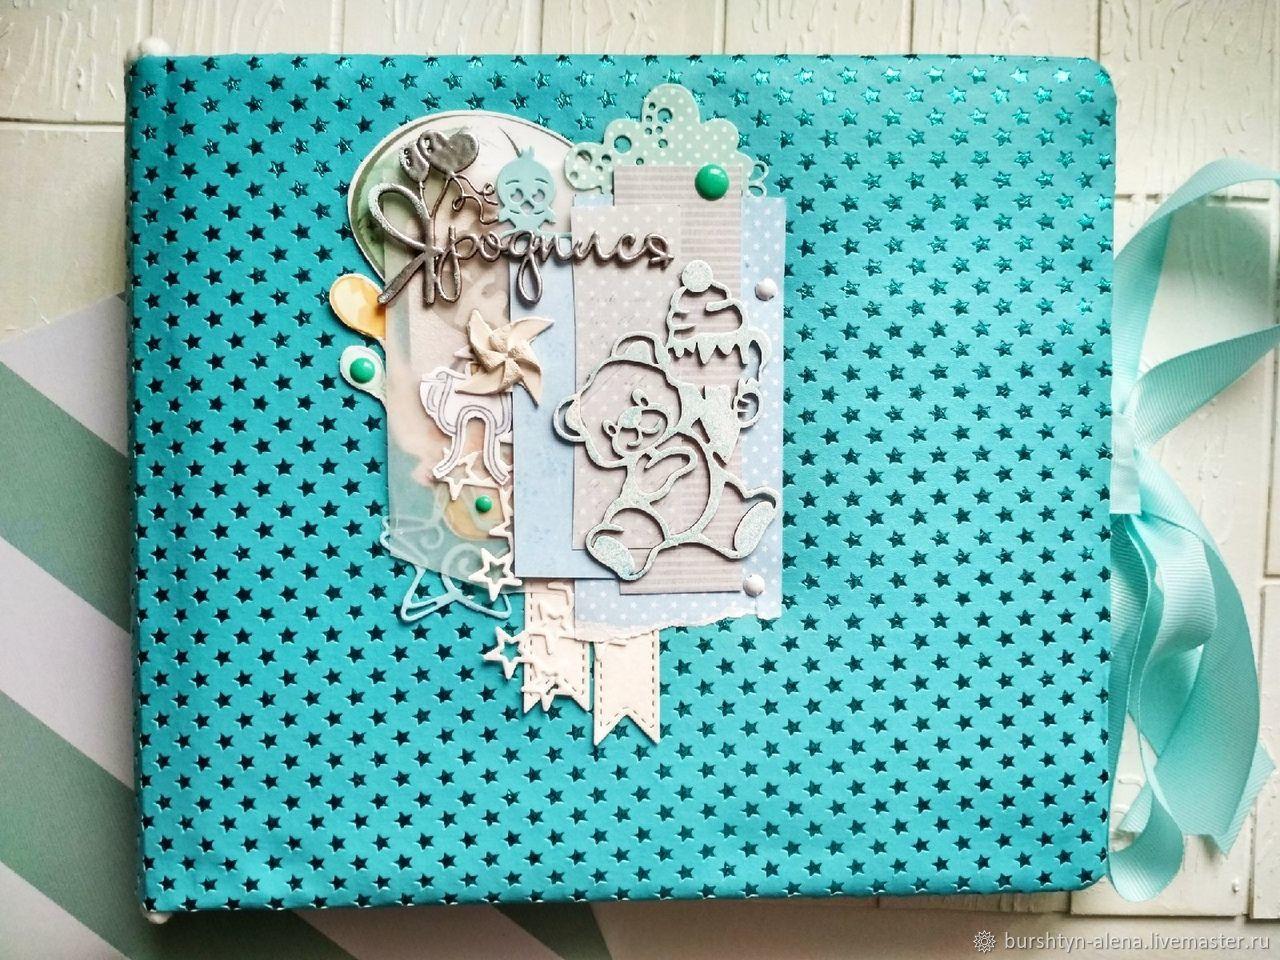 Детский фотоальбом для мальчика голубой, Фотоальбомы, Пинск,  Фото №1